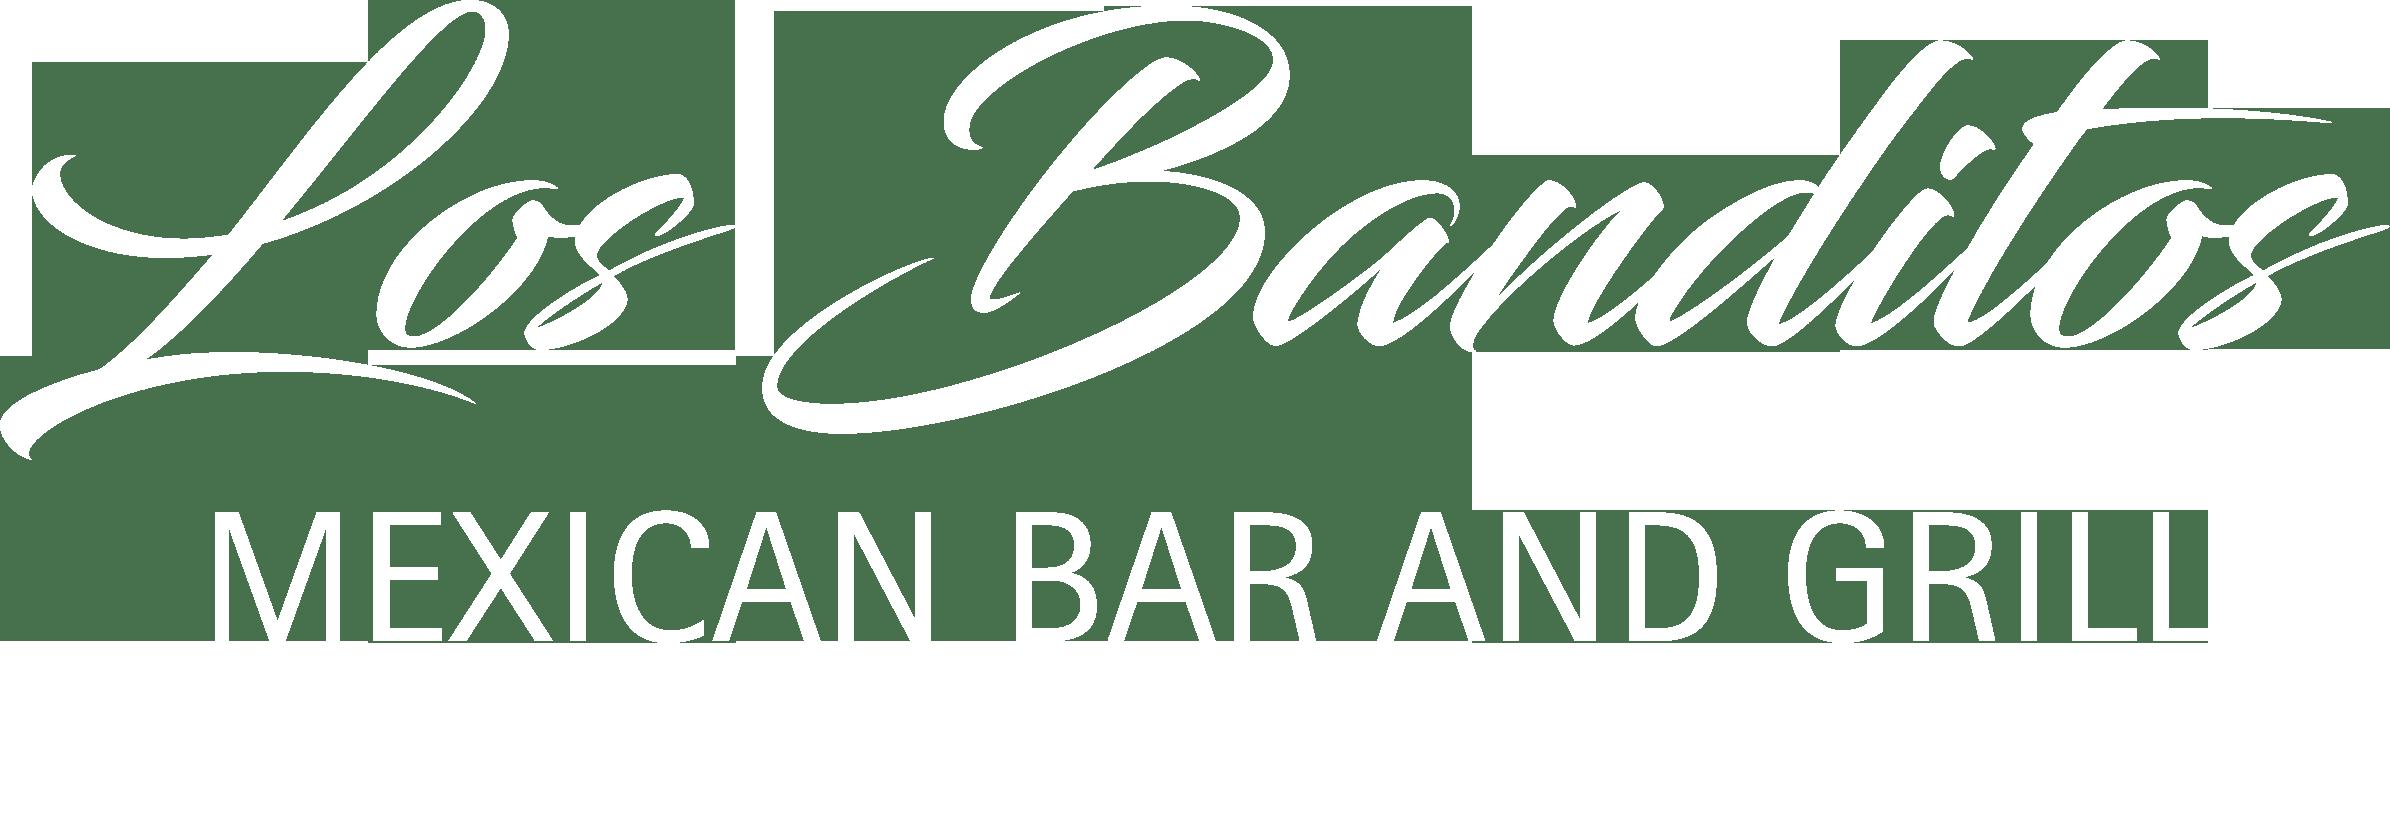 Los Banditos Lichfield gift cards